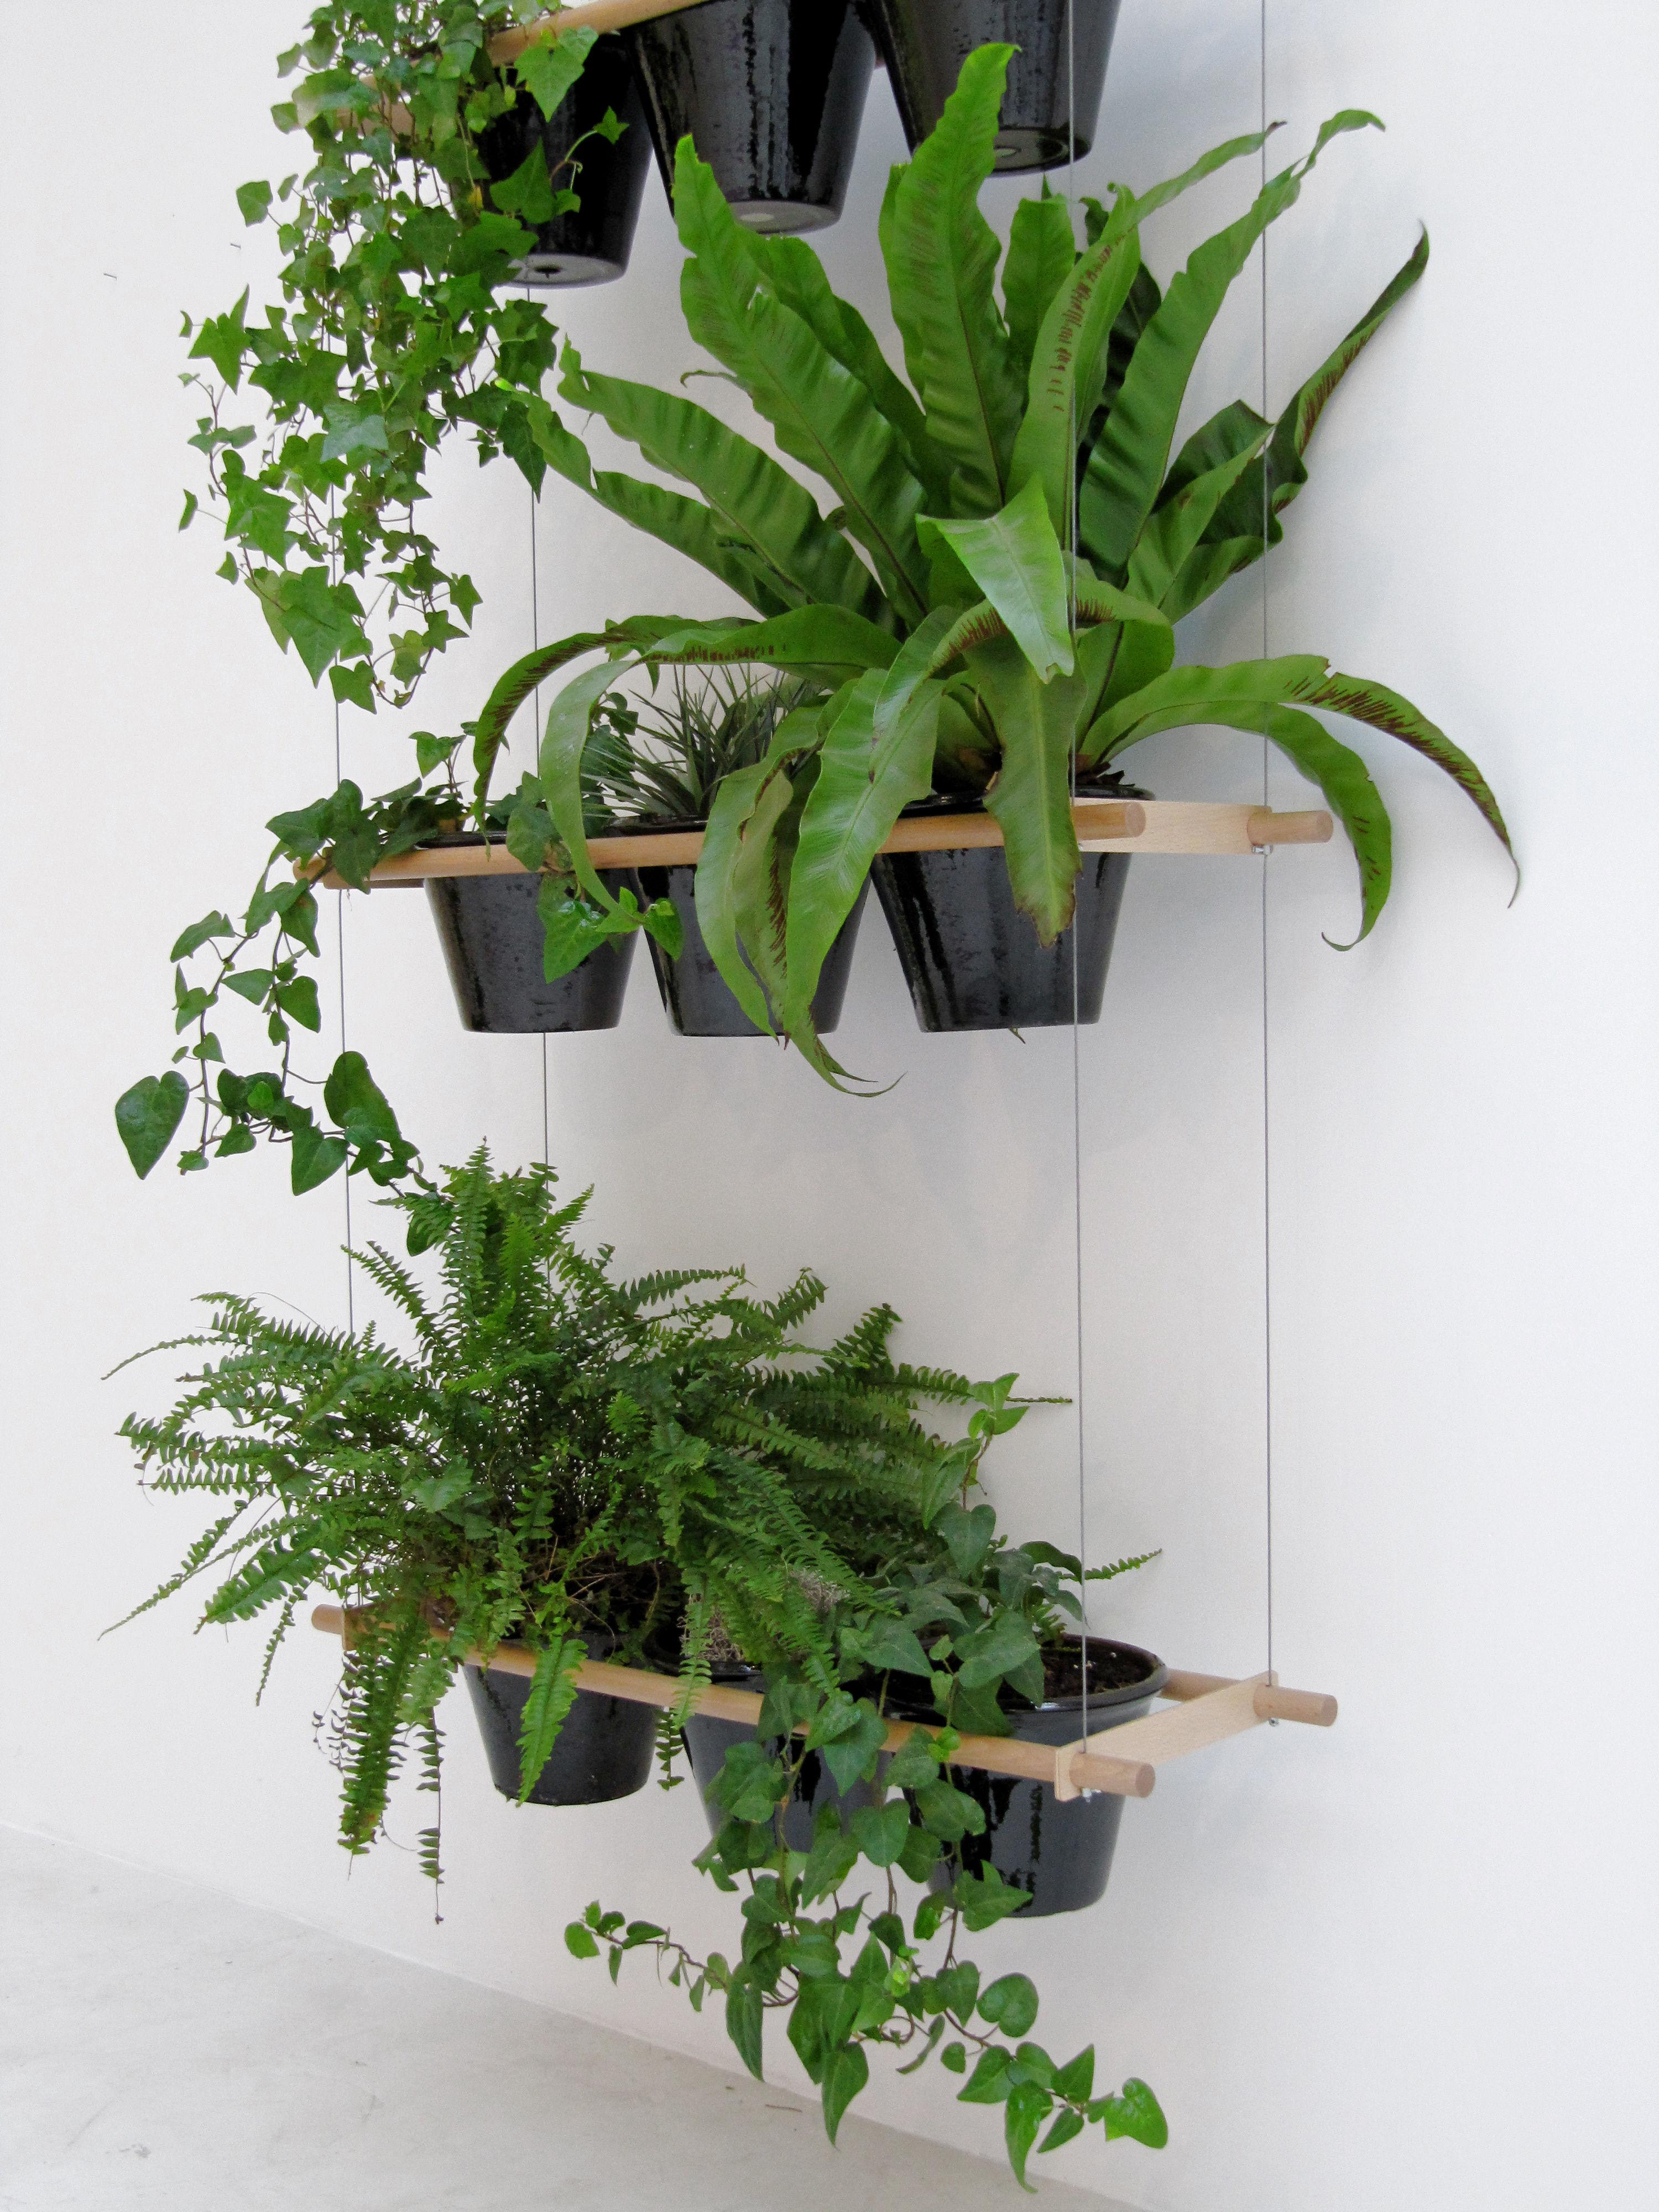 etcetera h nge blumenkasten blumenampel naturholz by compagnie made in design. Black Bedroom Furniture Sets. Home Design Ideas